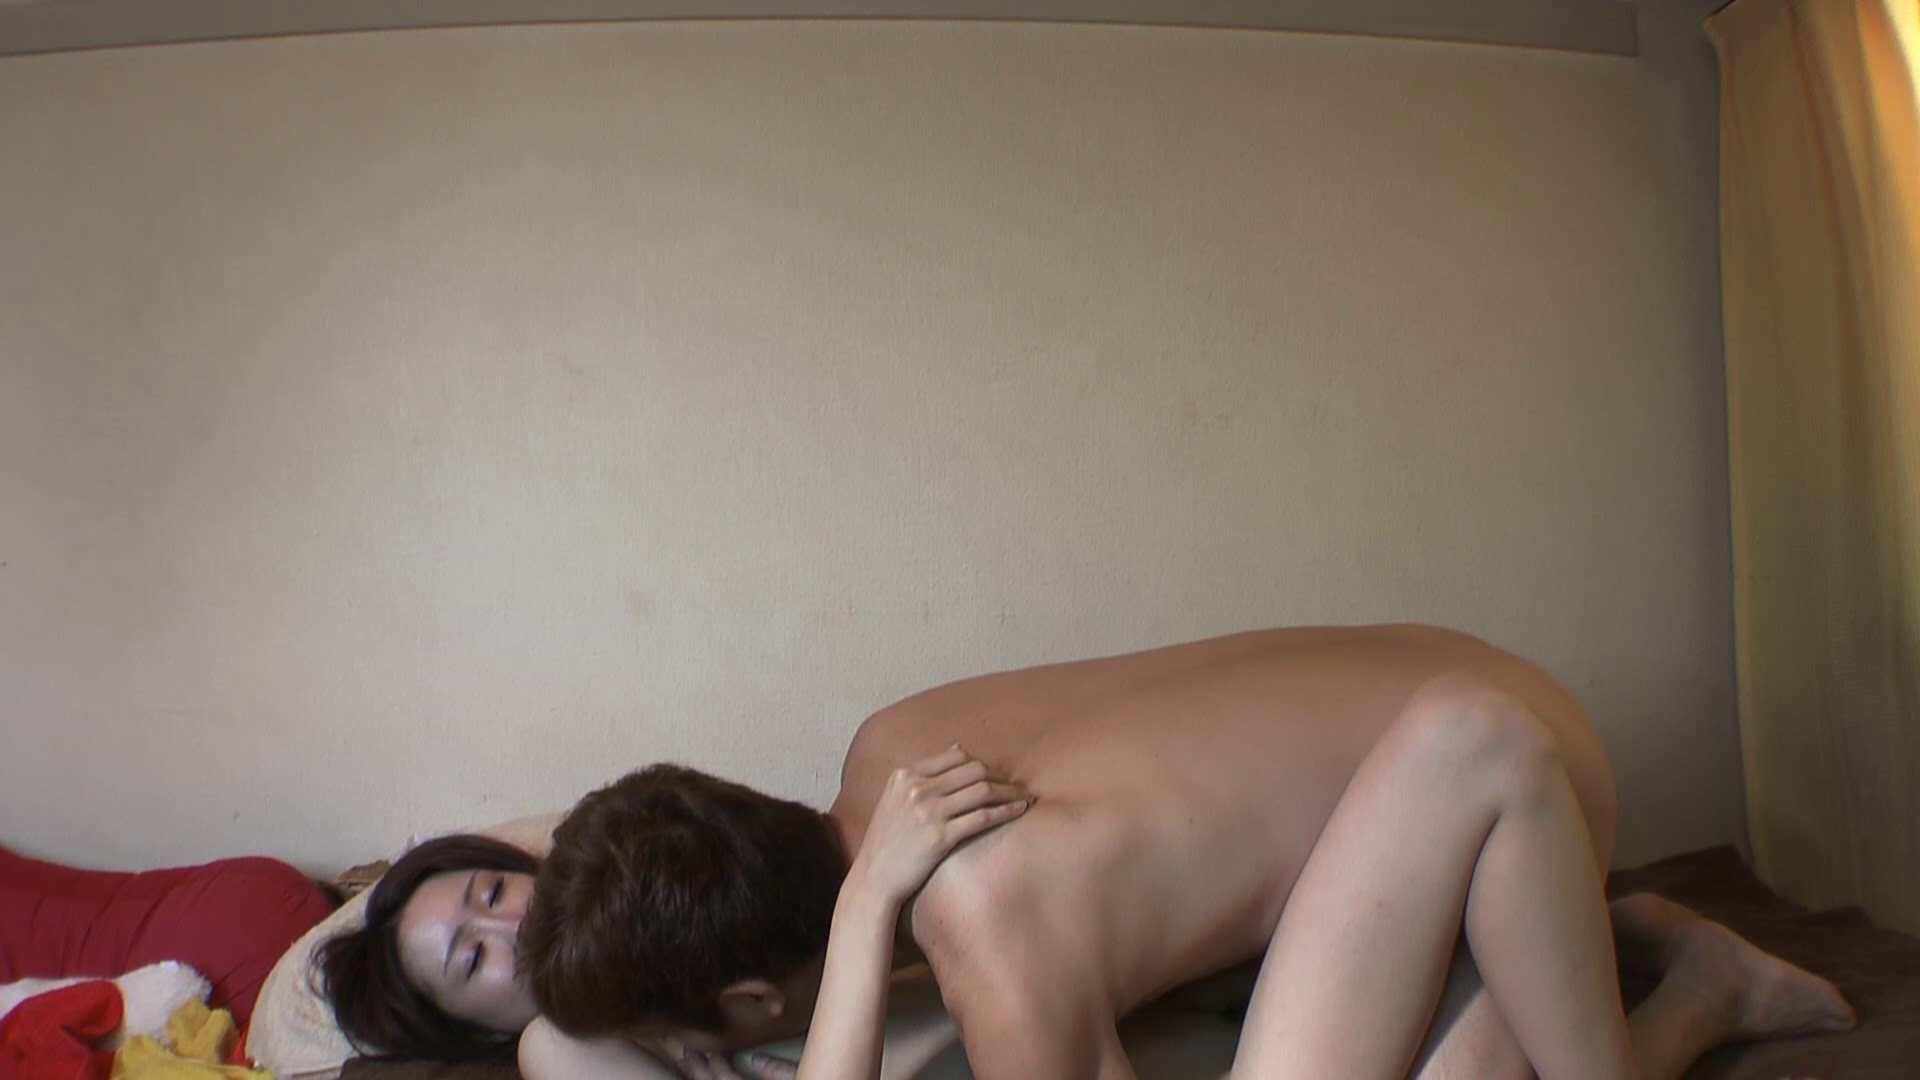 隠撮店の女の子をつまみ喰い~yukivol.4 すけべなOL | 隠撮  82画像 81